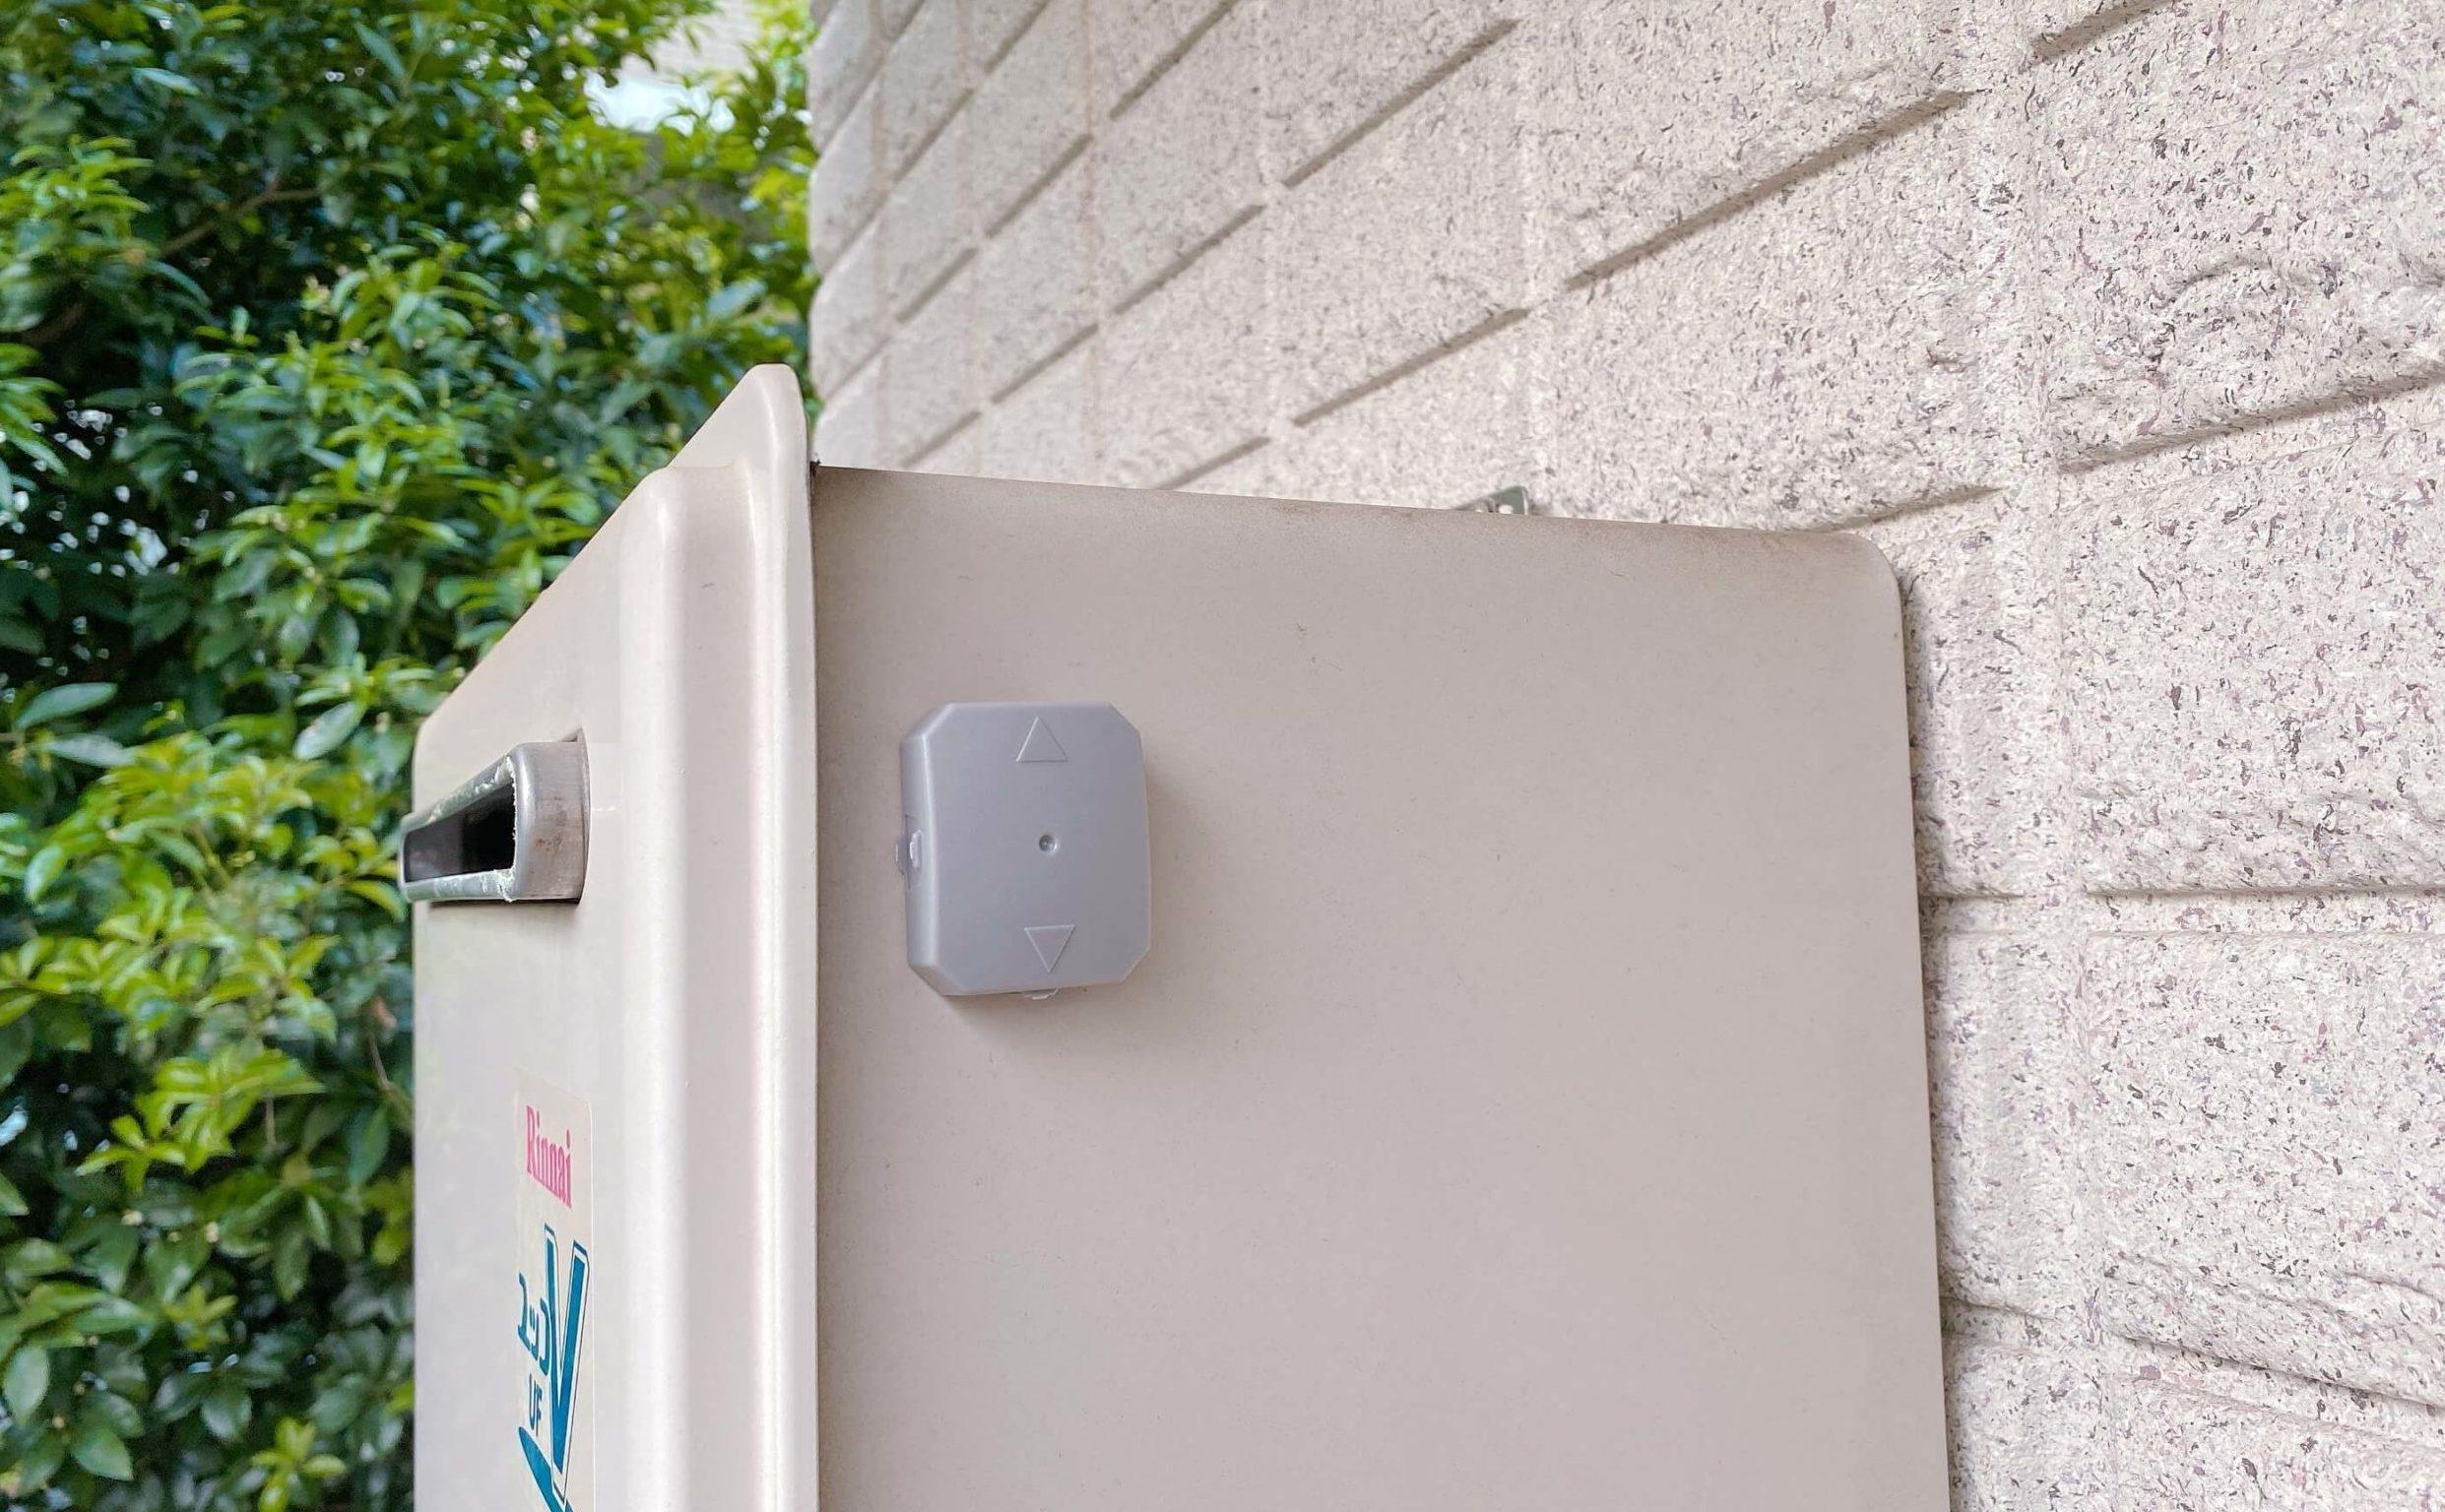 エアコンの室外機に屋外用ブラックキャップを設置